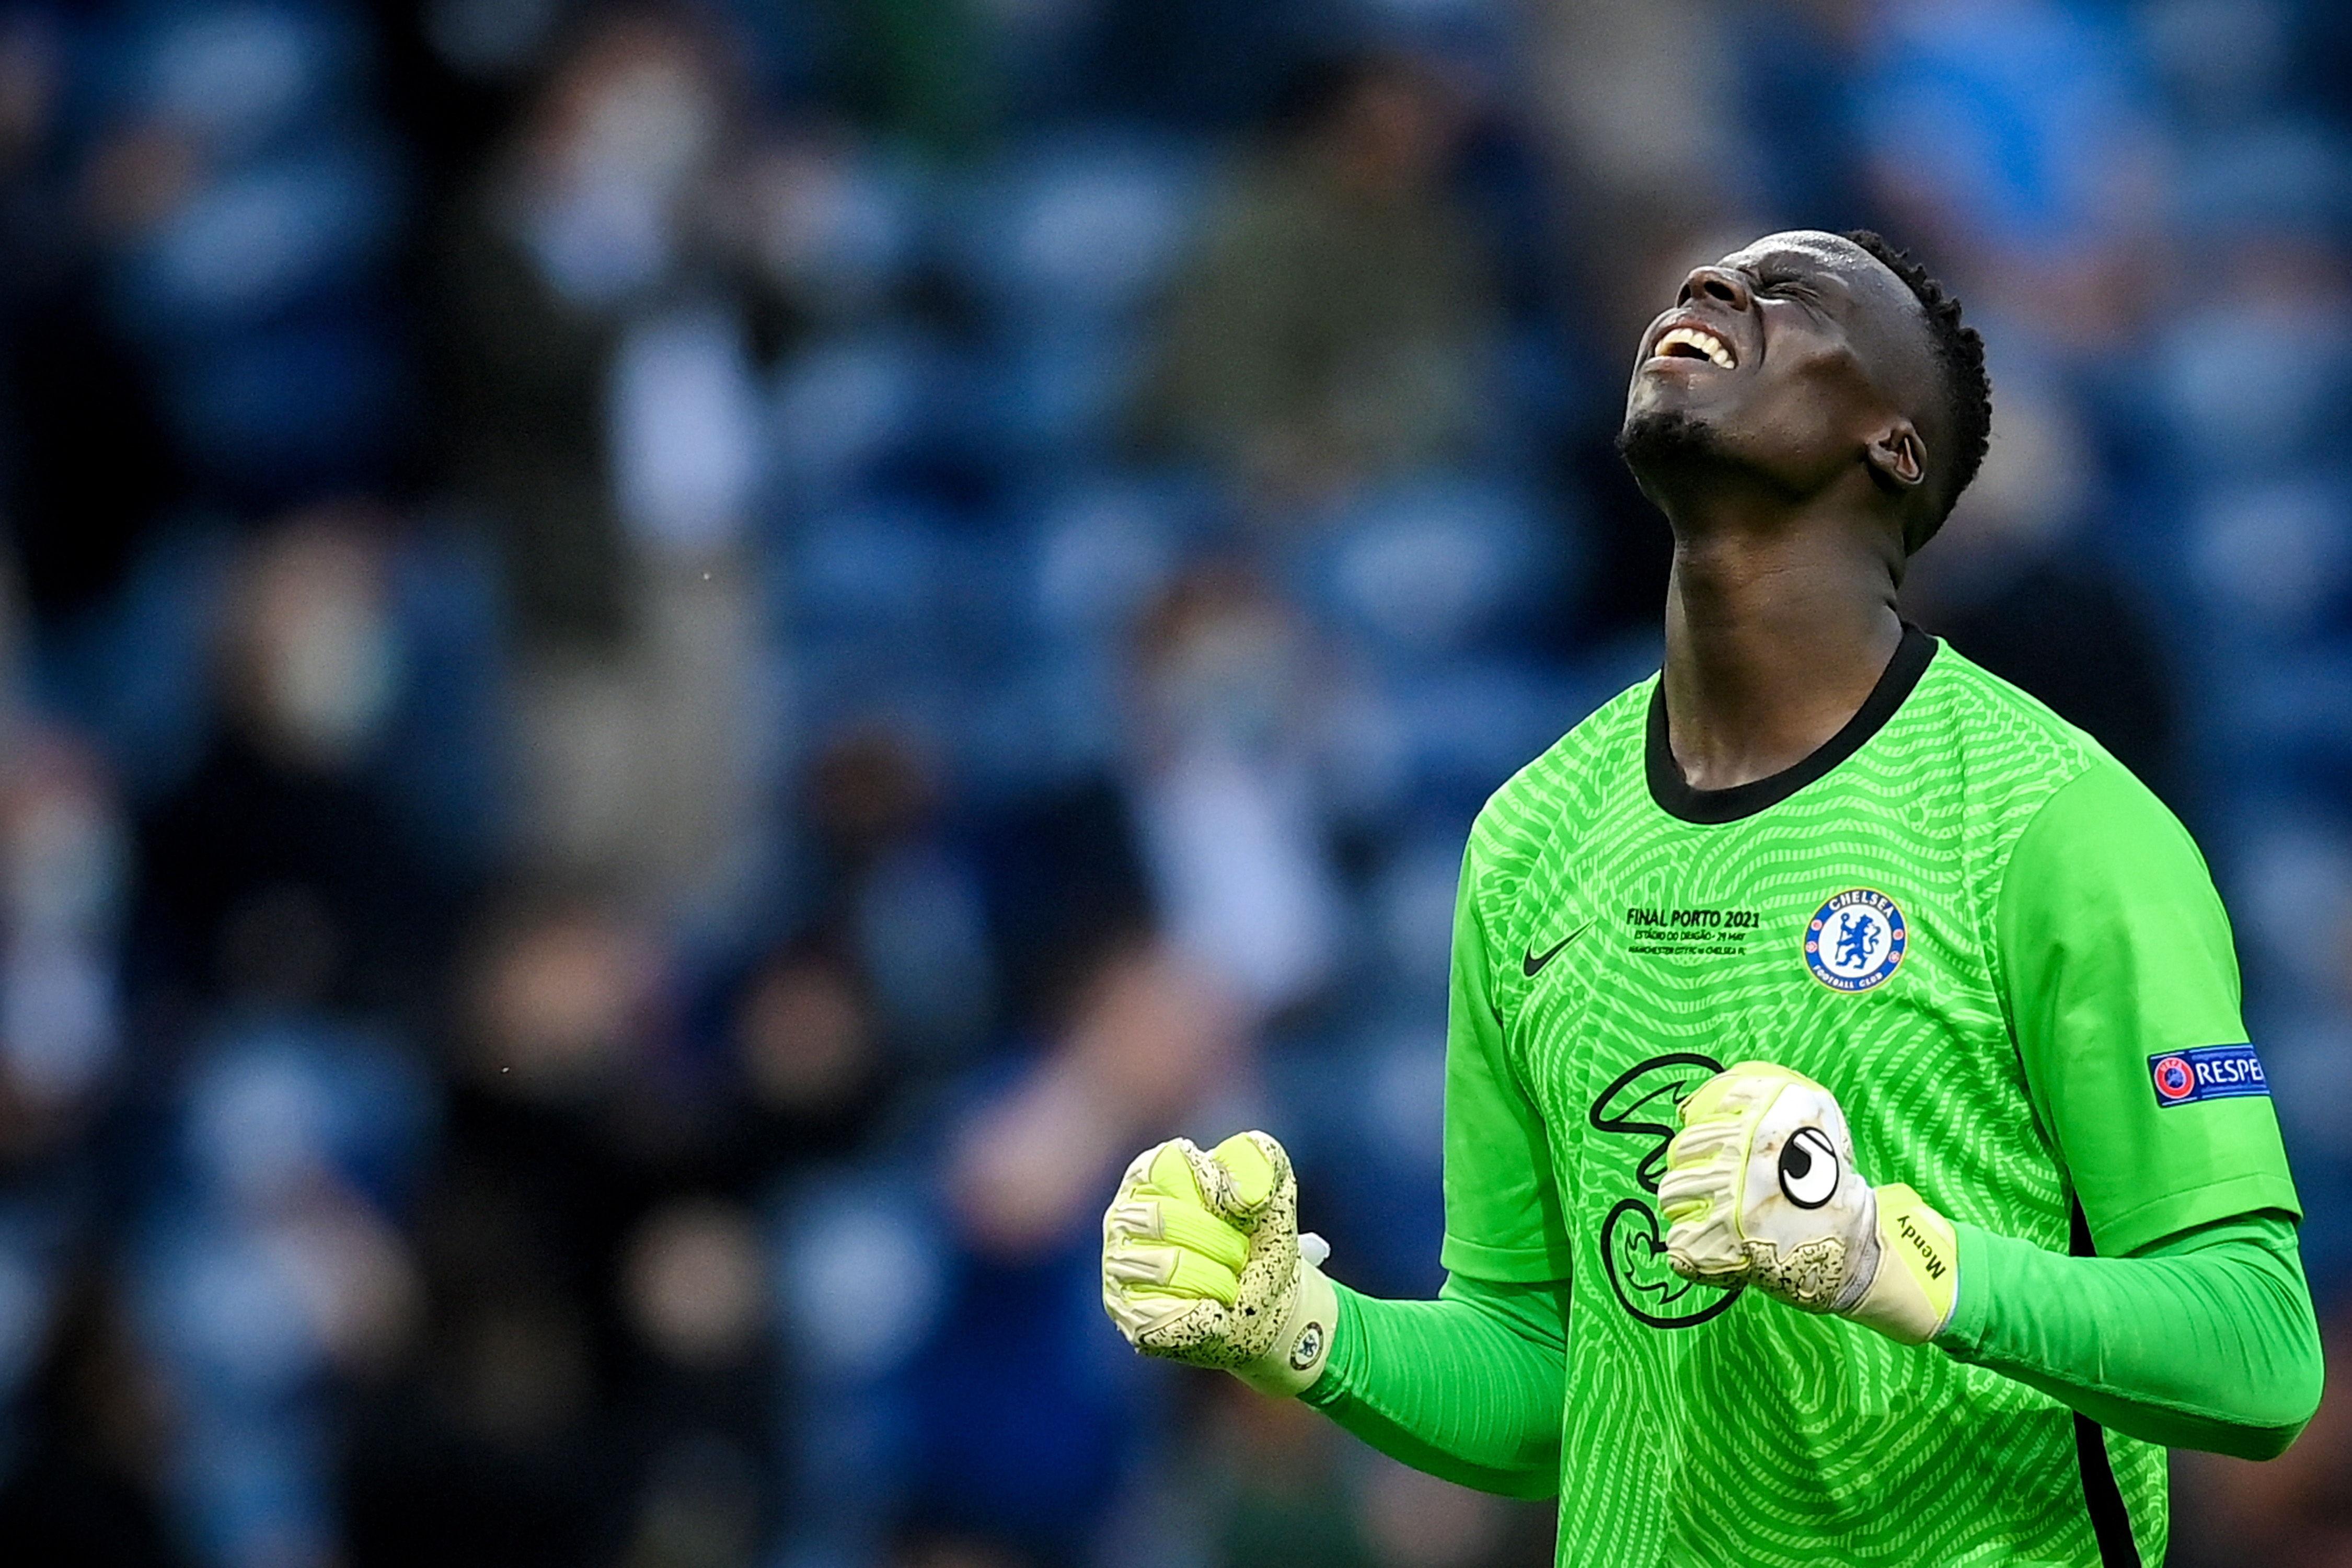 ¡Por el bicampeonato de Europa! Chelsea desea un XI inigualable 2